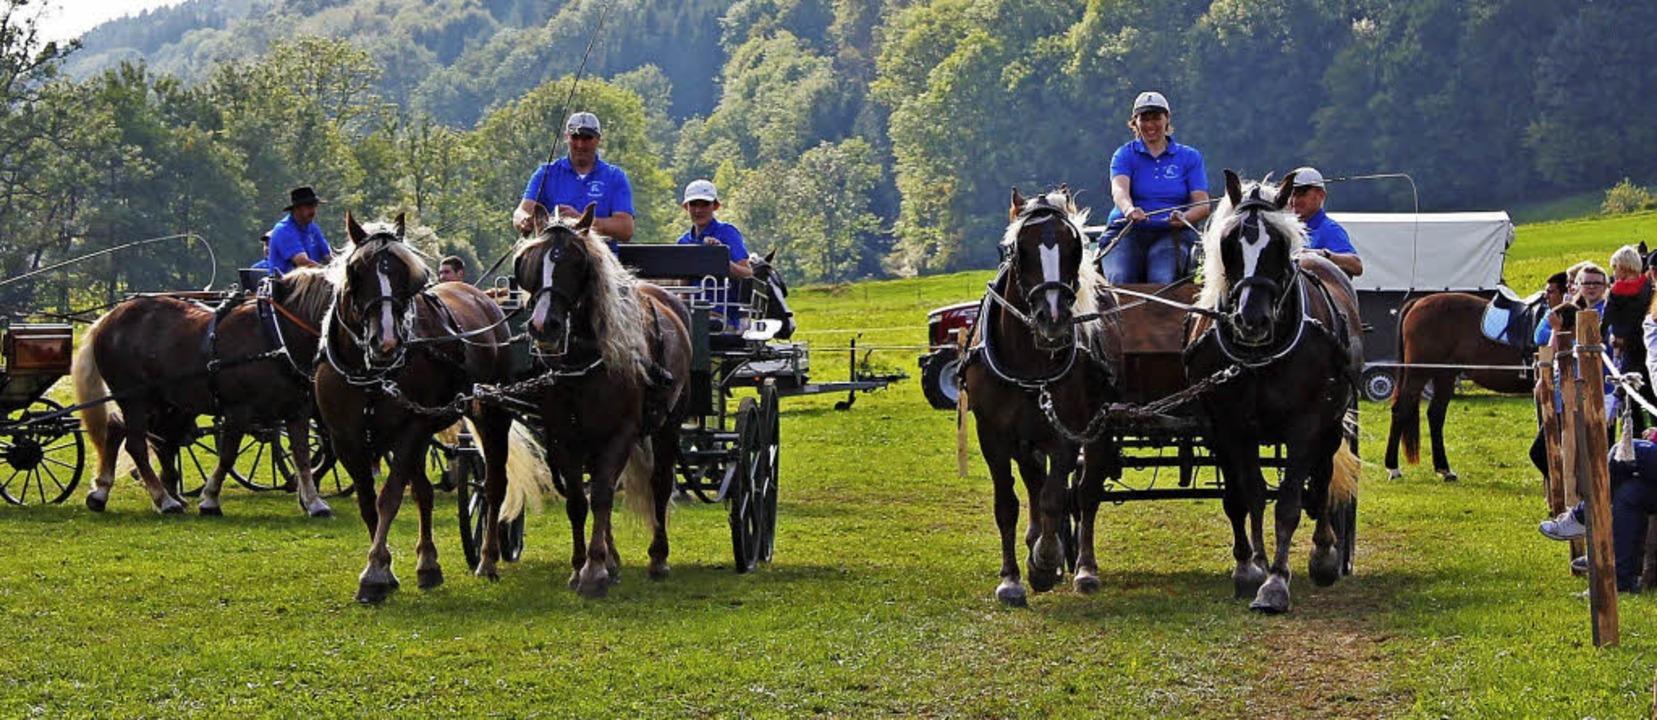 Der Reit- und Fahrverein Oberes Elztal... findet das Reit- und Fahrfest statt.   | Foto: Verein